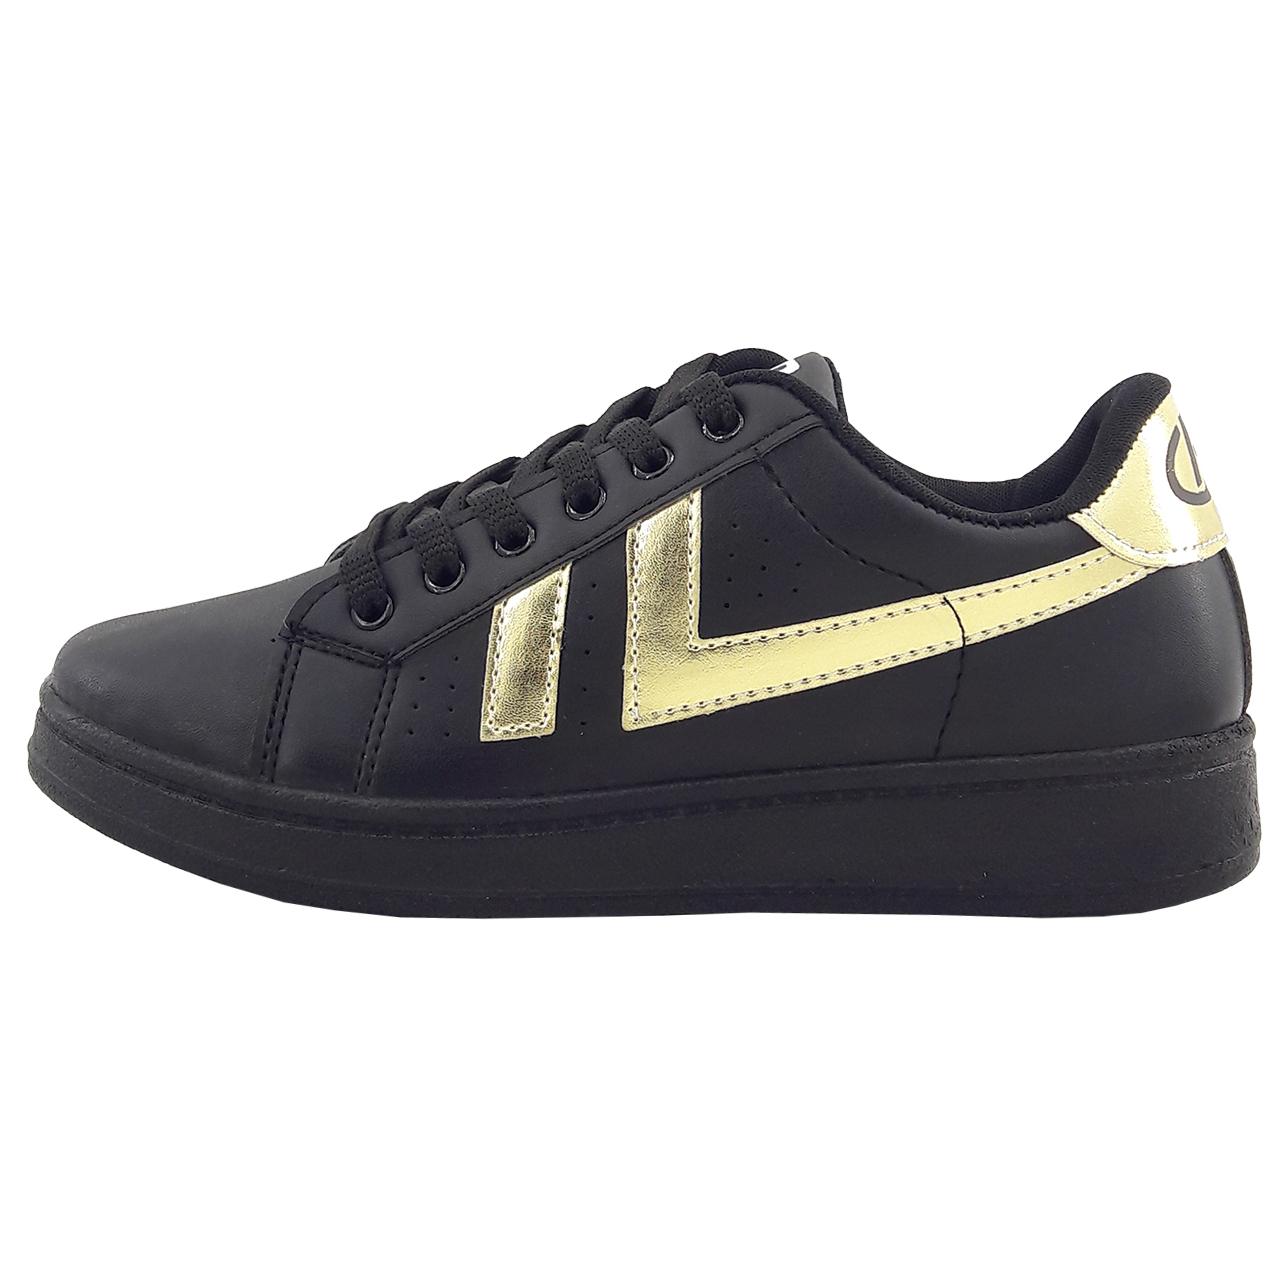 کفش راحتی زنانه مدل Brk.bl.gl-001